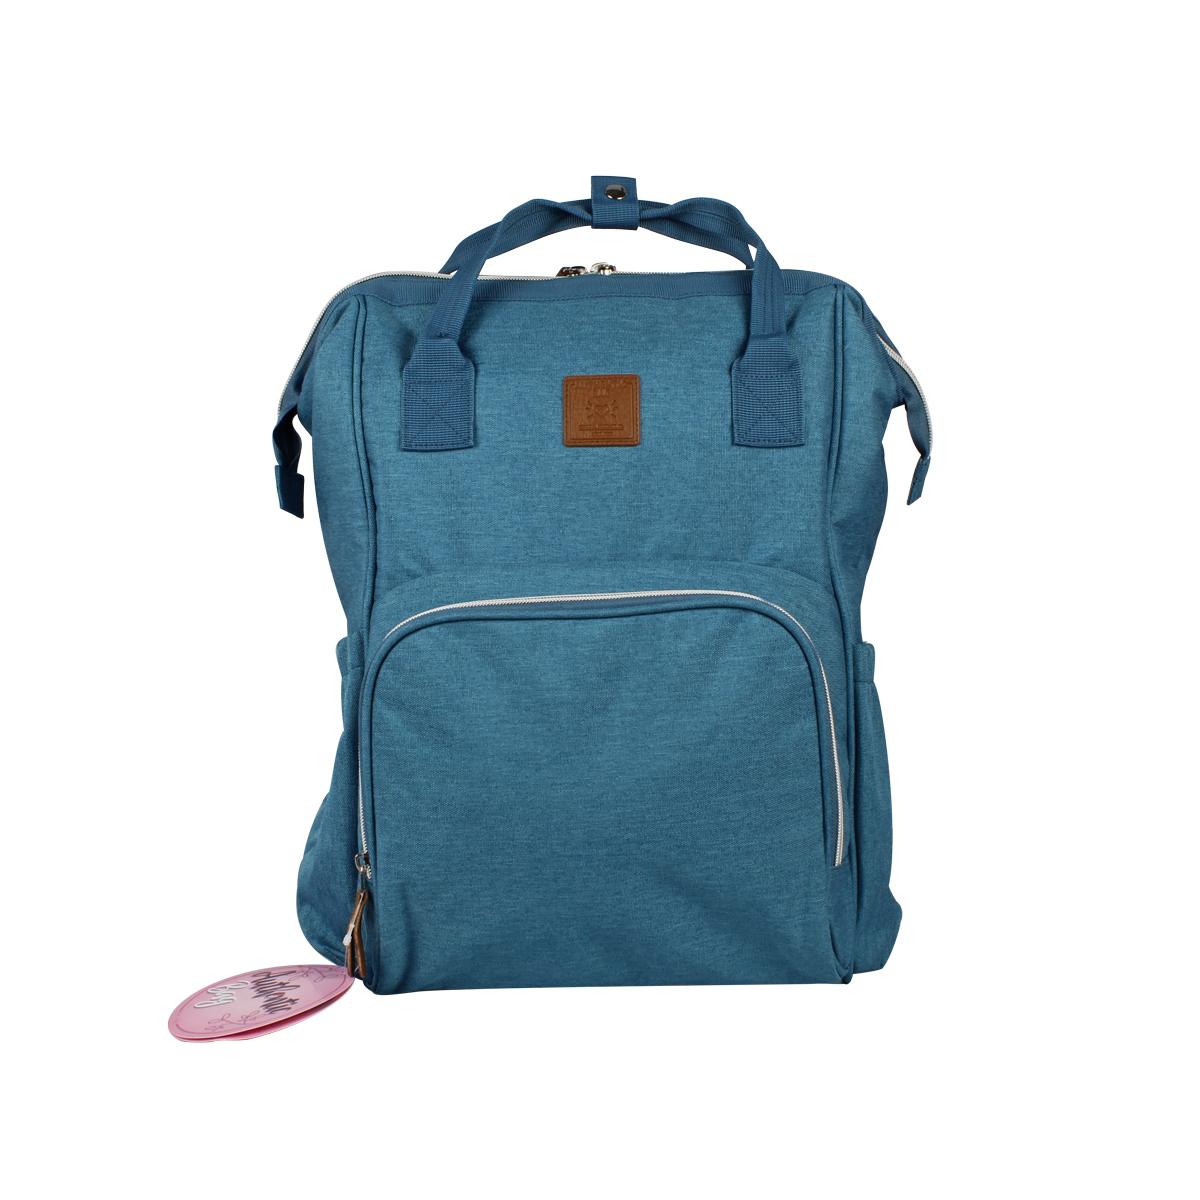 Mochila Maternidade Mommy Bag MM3263 Azul Original Clio